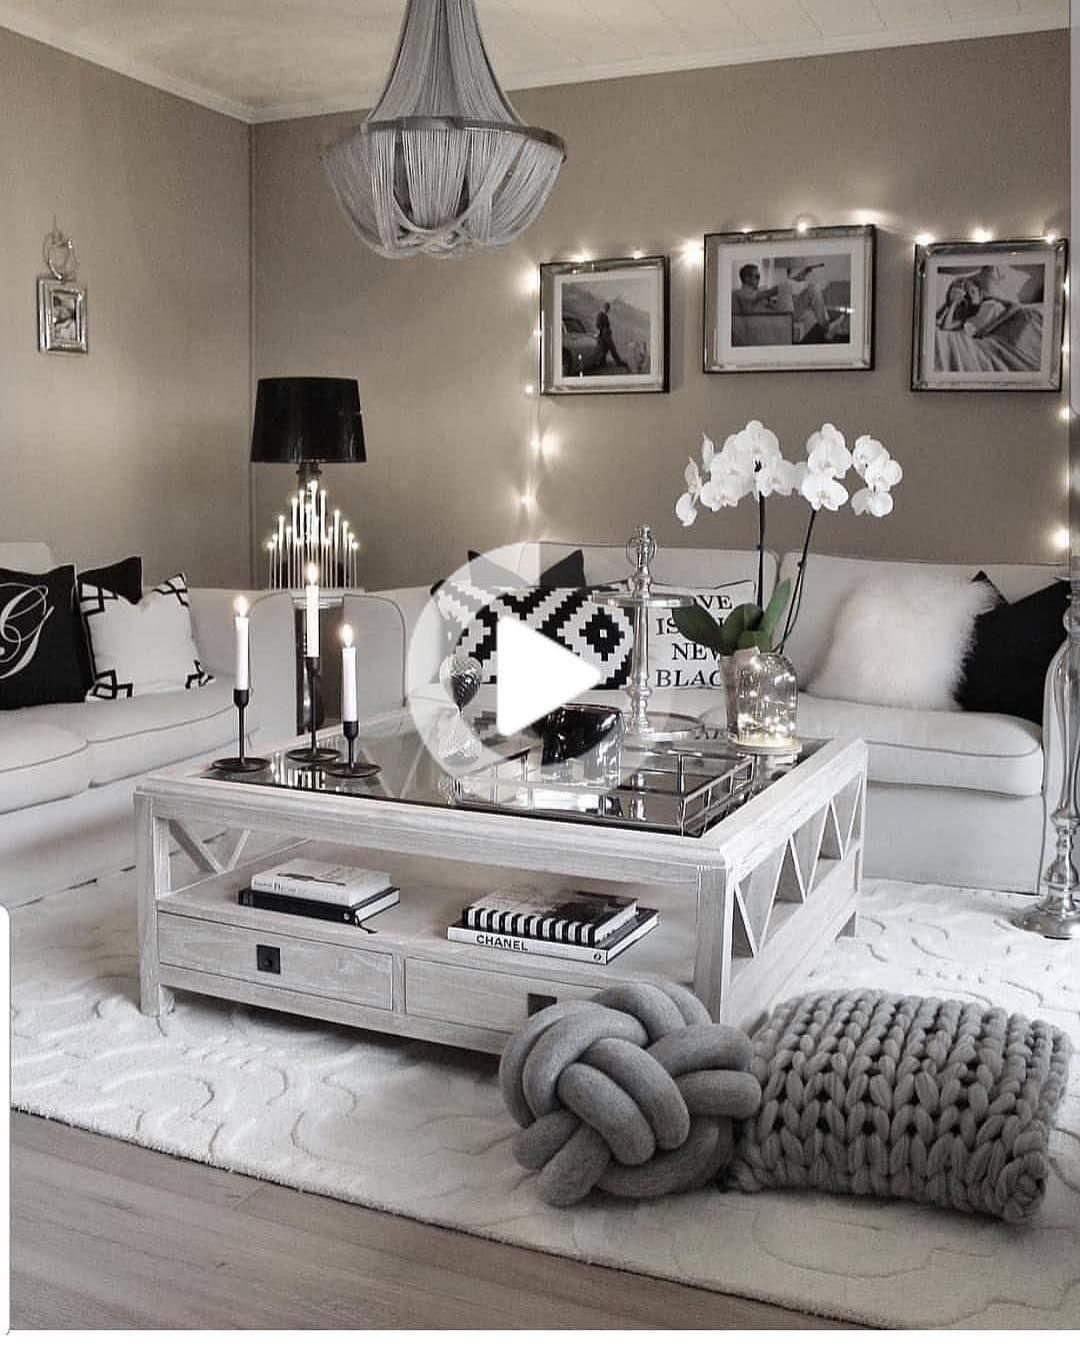 De Jolis Imprimes Pour Votre Maison Depuis La France Par Printablewordsfr Silver Living Room Cosy Living Room Living Room Grey Silver living room decor